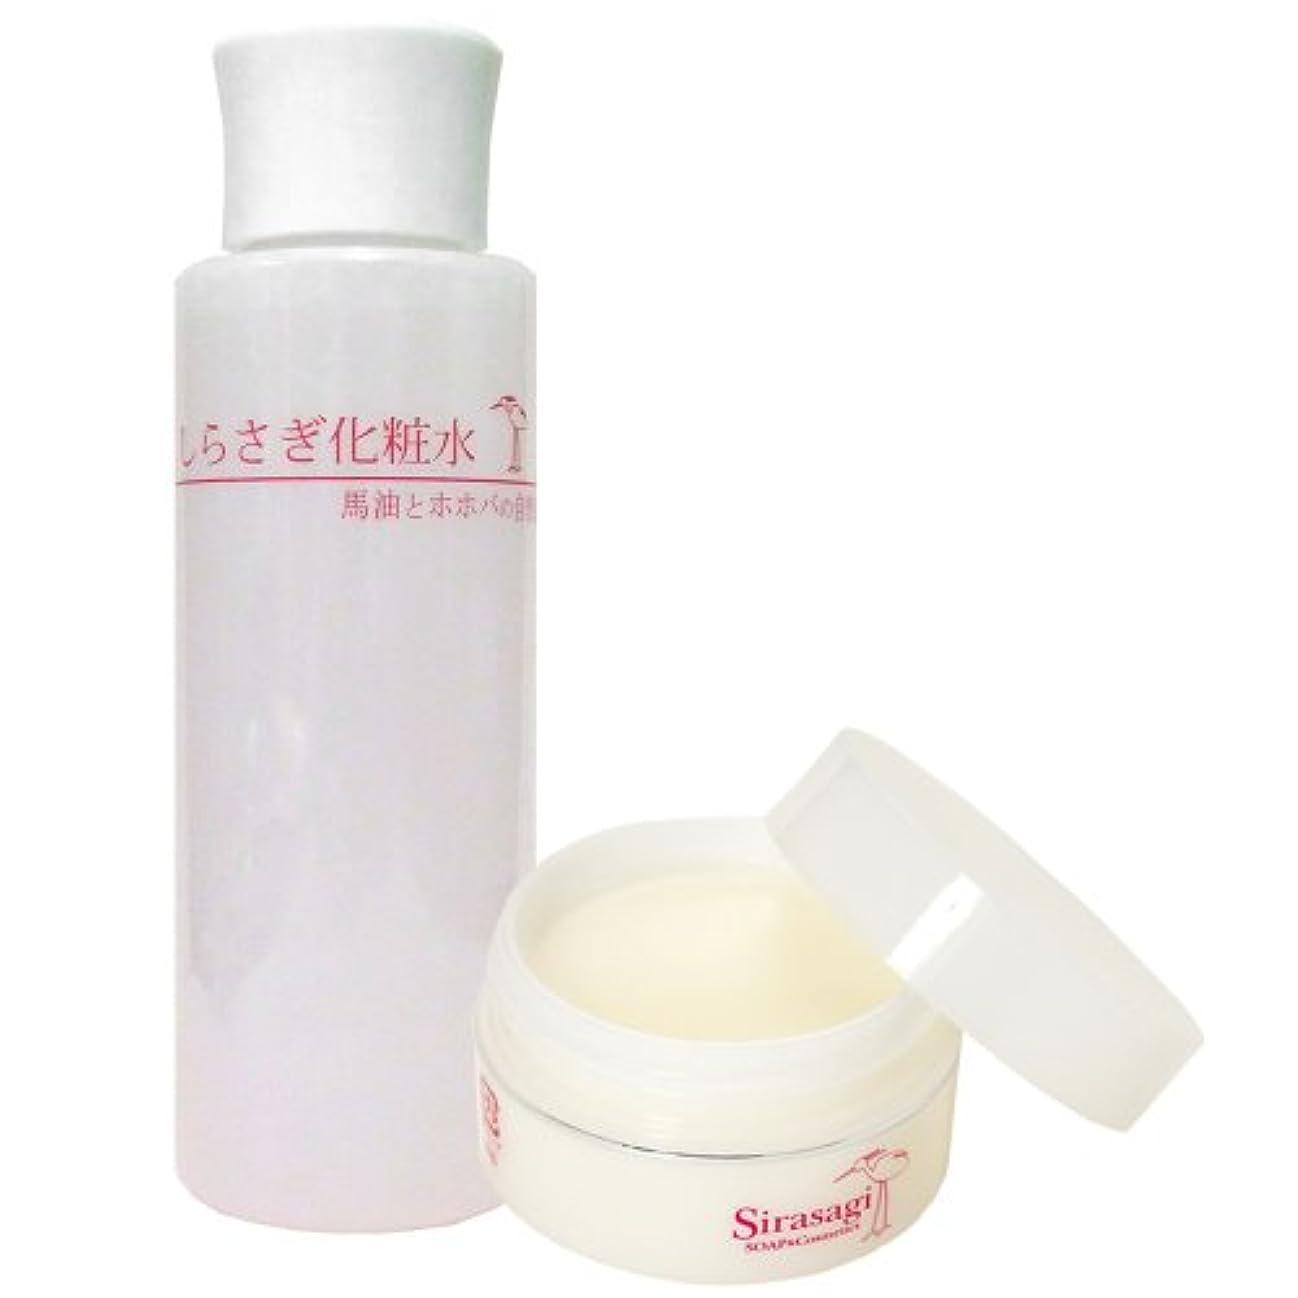 長々とテーマ影のあるしらさぎクリーム(ラベンダーとローズウッドの香り)としらさぎ化粧水のセット